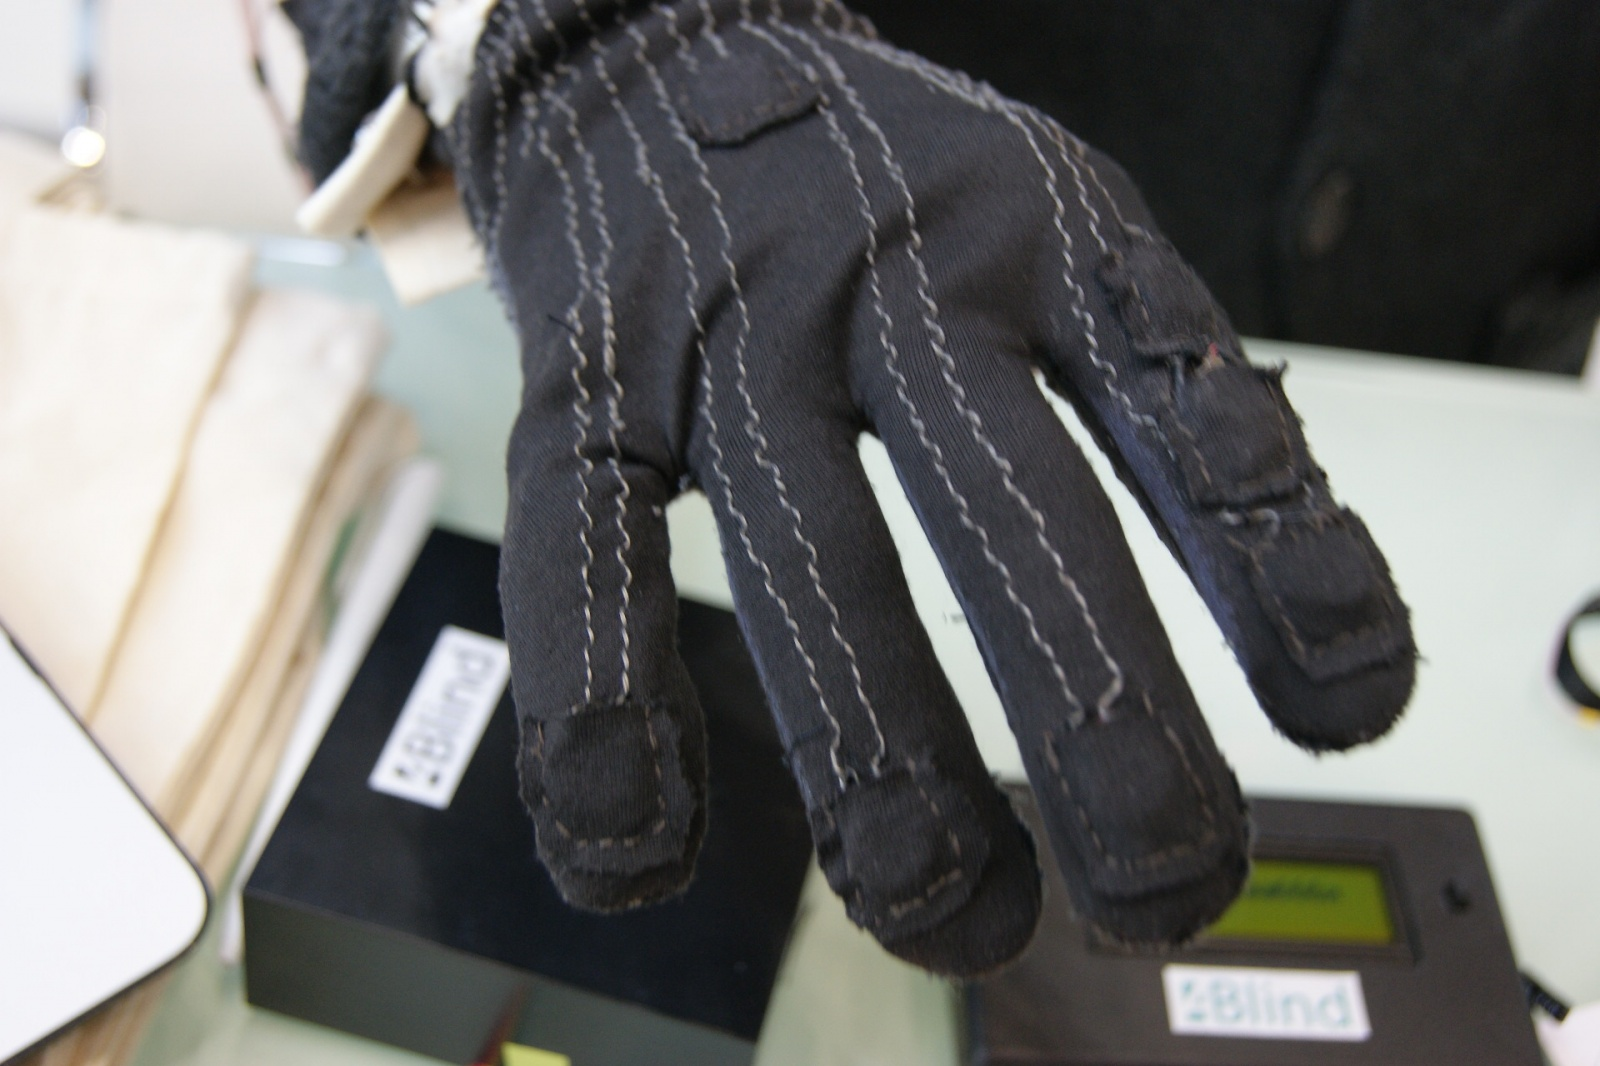 Как слепоглухие могут общаться в мессенджерах? Перчатка и рукав Брайля - 5